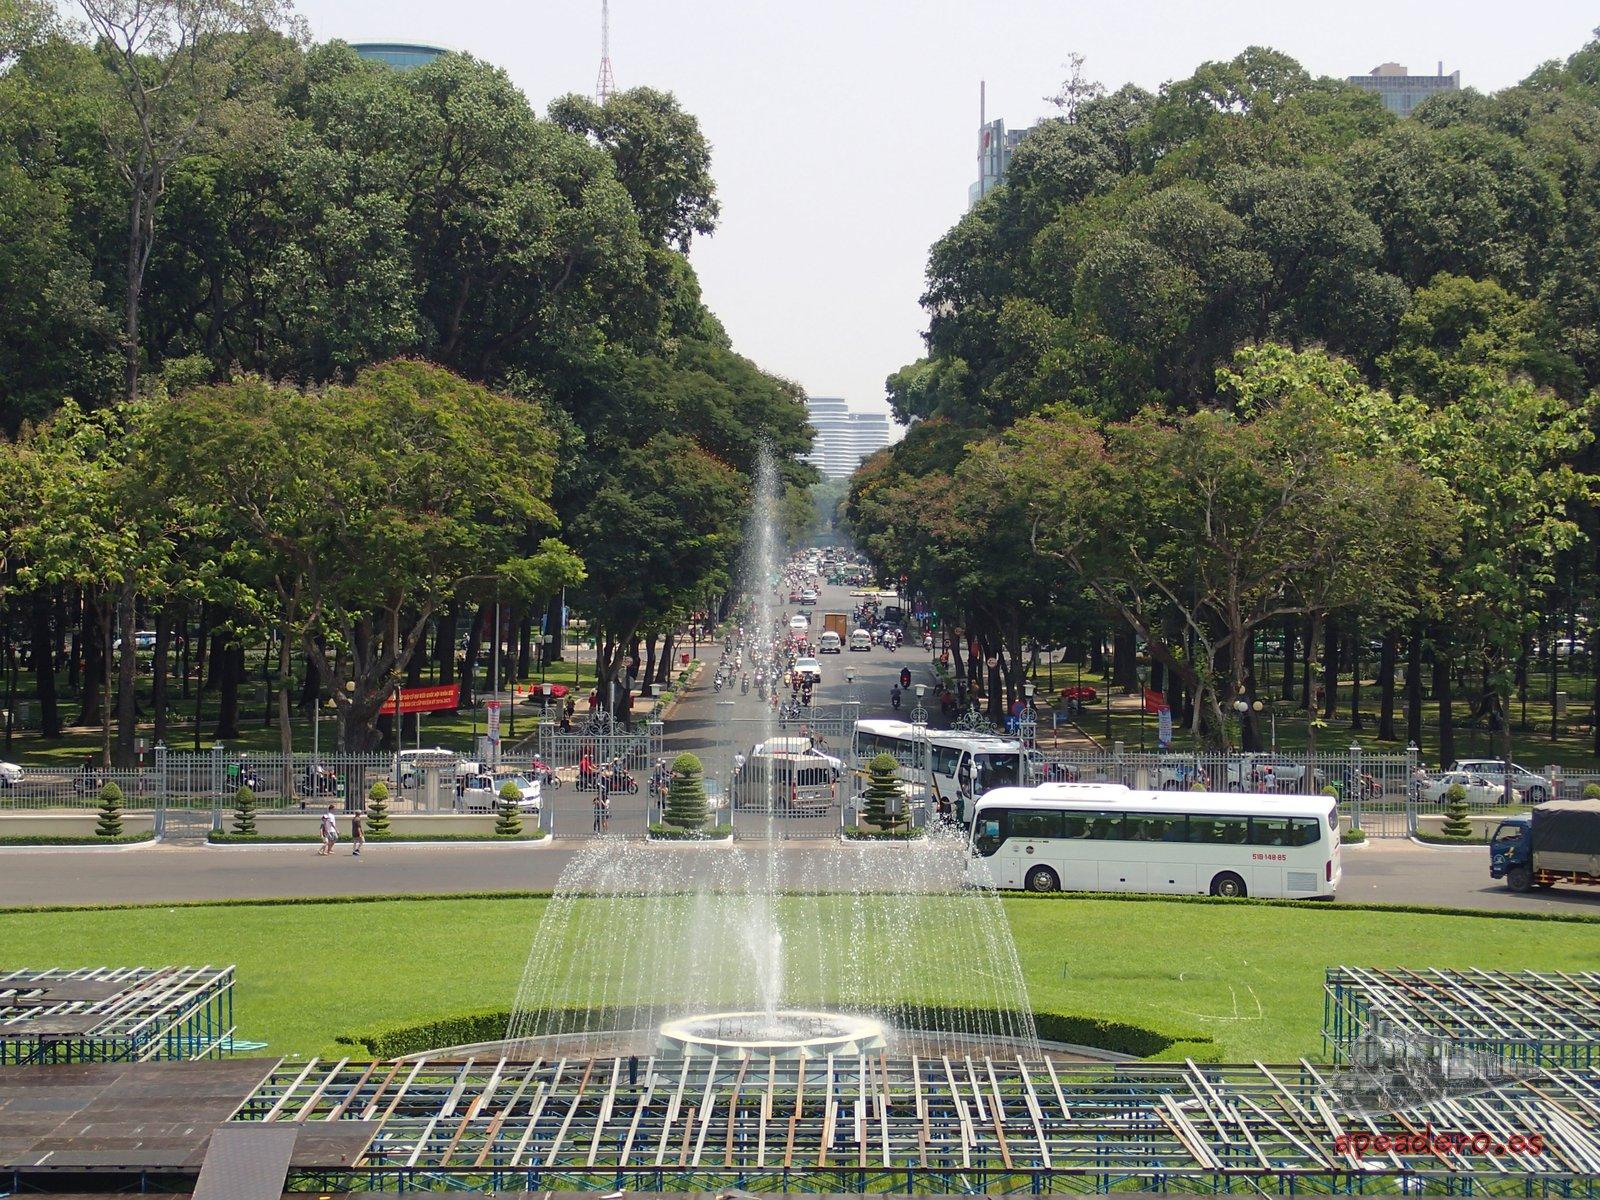 Como cualquier otra gran ciudad Ho Chi Minh tiene un montón de opciones de visita, desde museos y edificios históricos hasta parques y cines al aire libre.